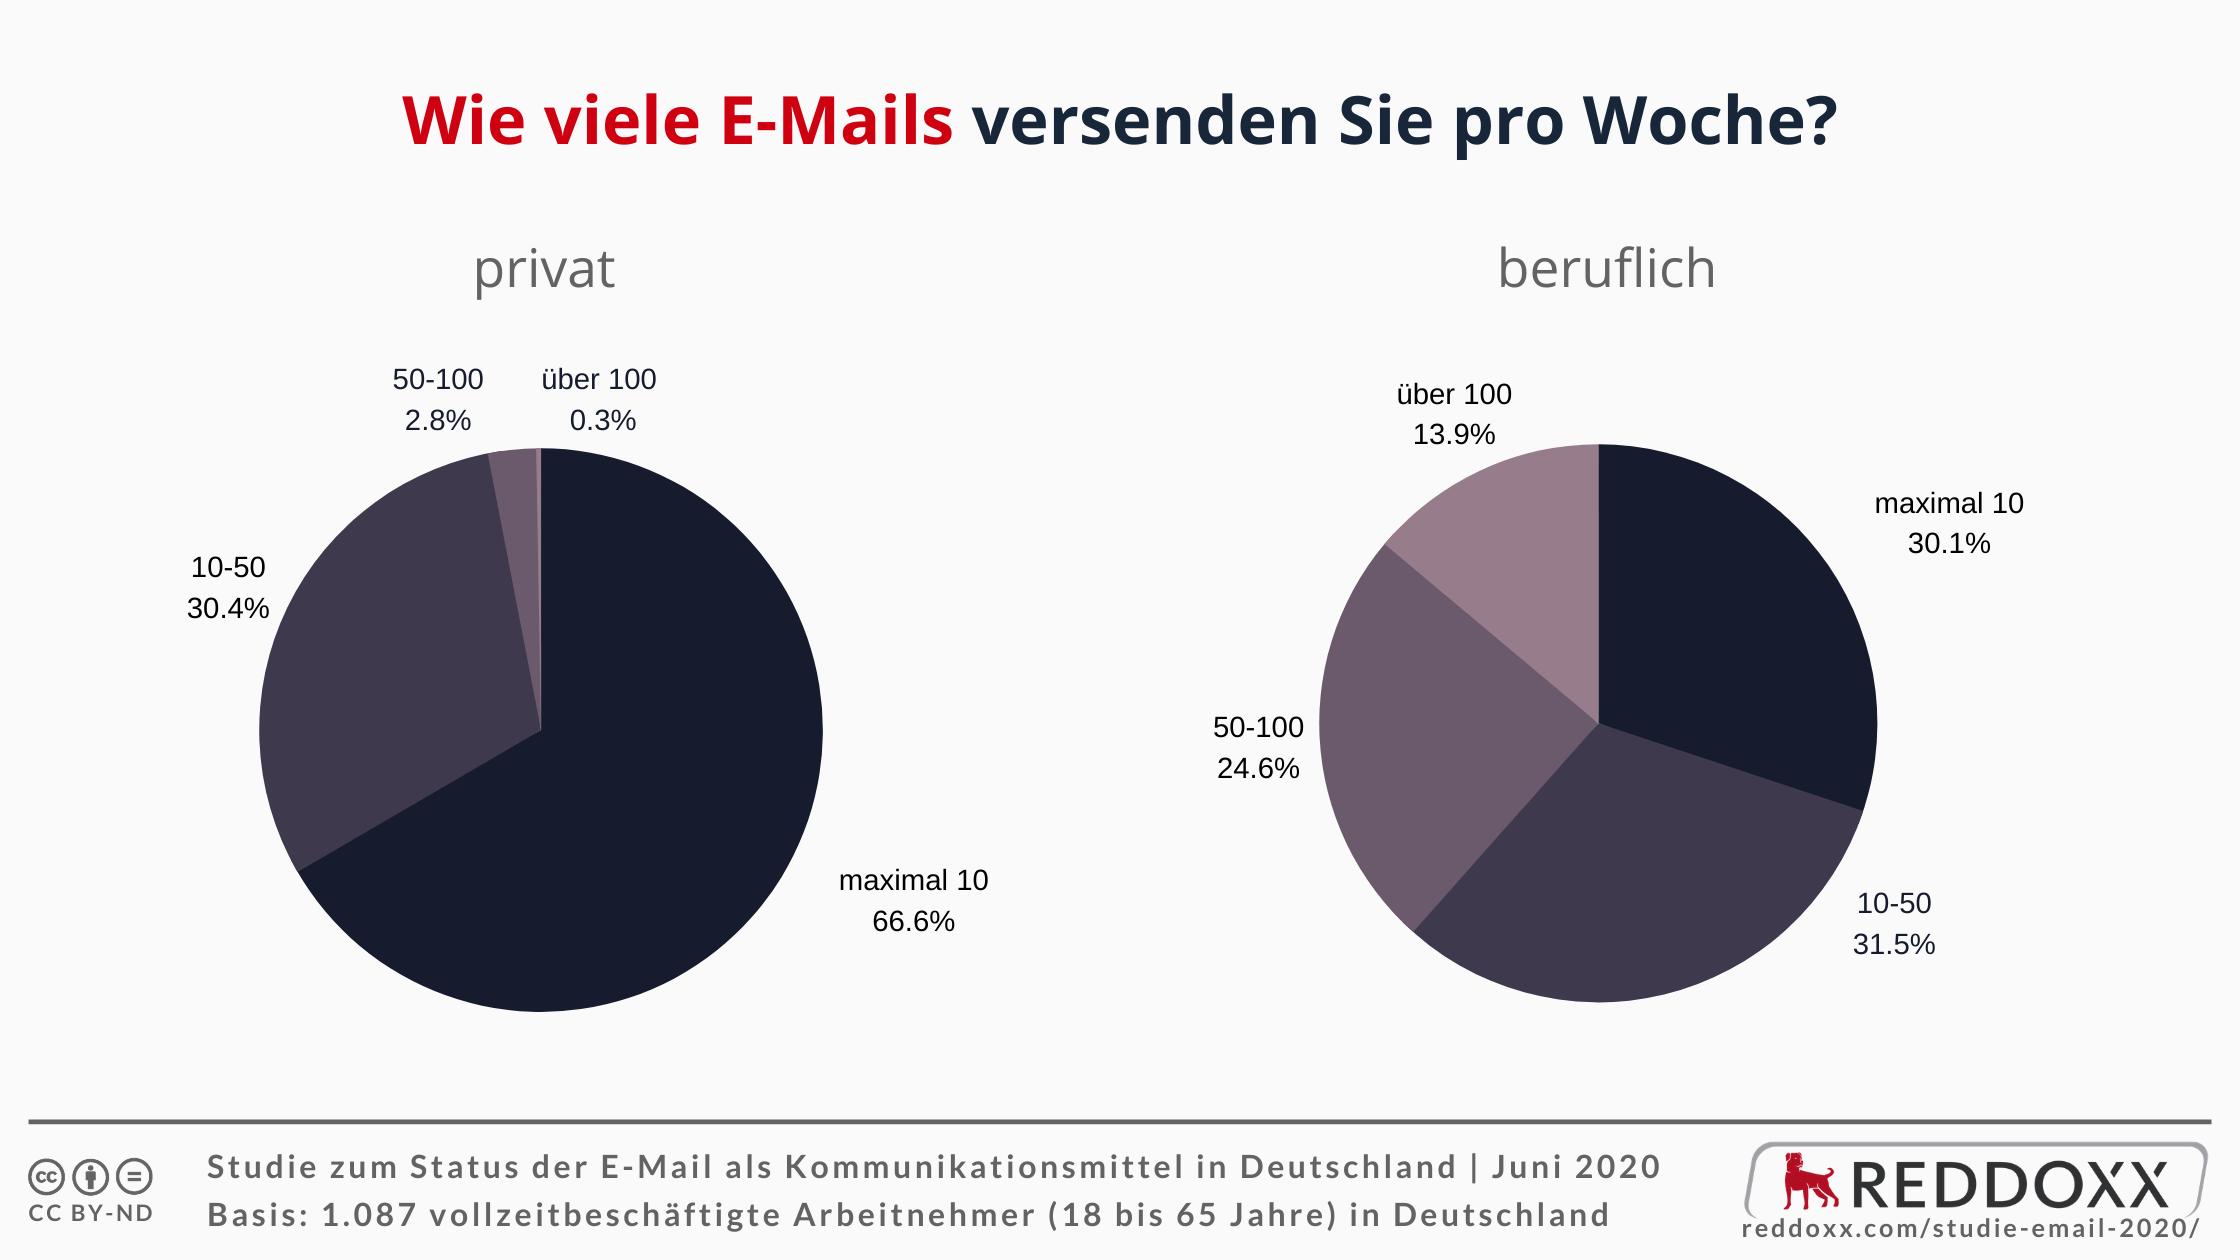 Wie viele E-Mails versenden Sie pro Woche?